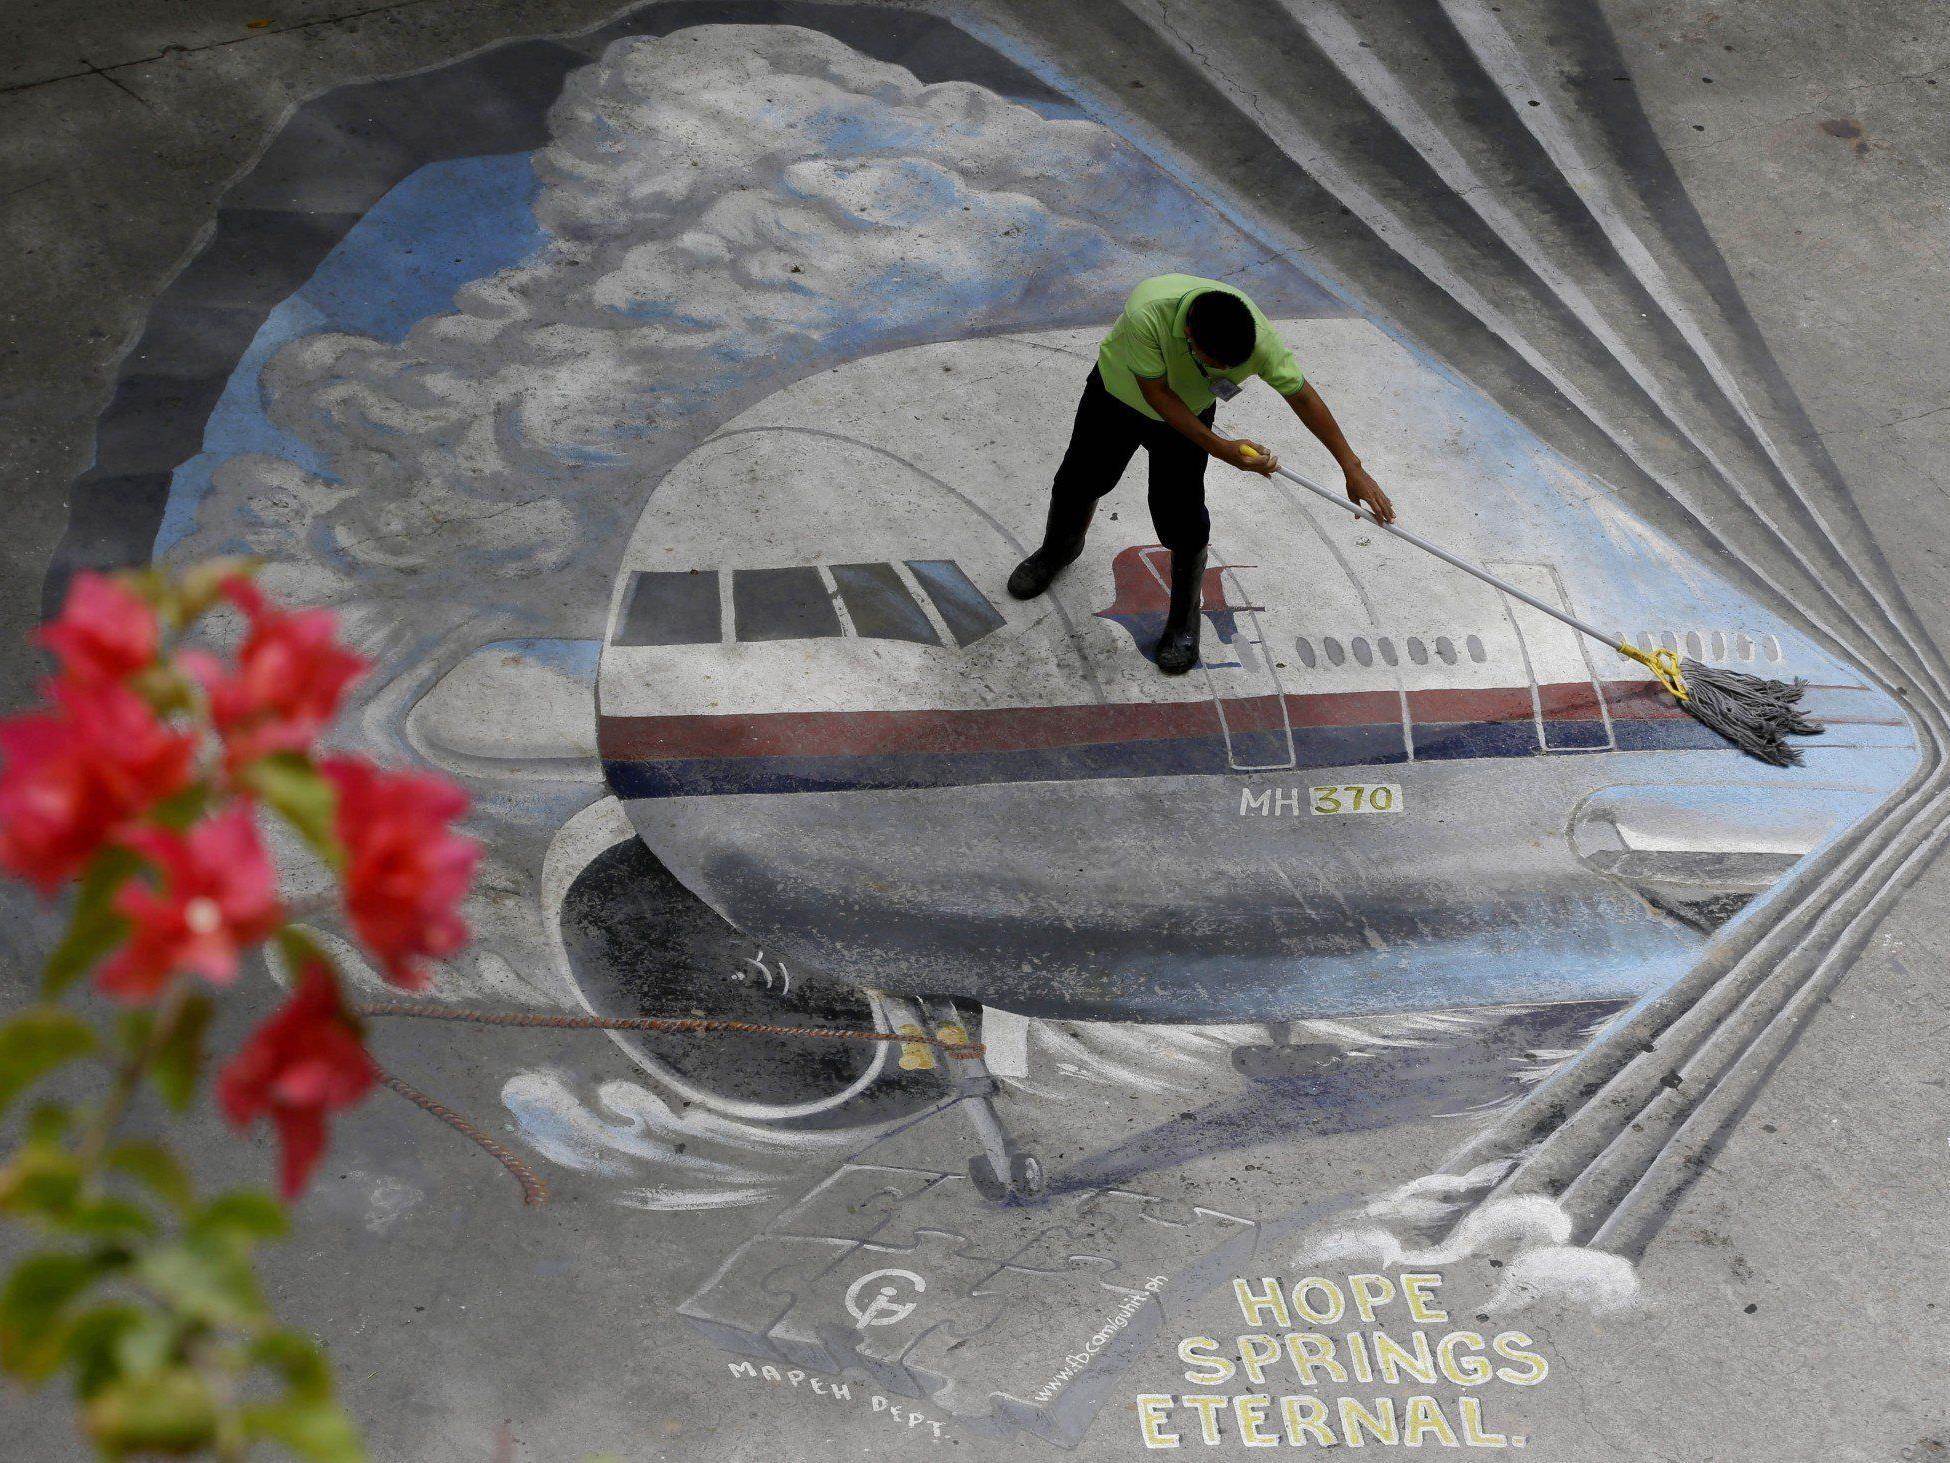 Flugzeug vermisst - Neue Signale bei MH370-Suche geortet